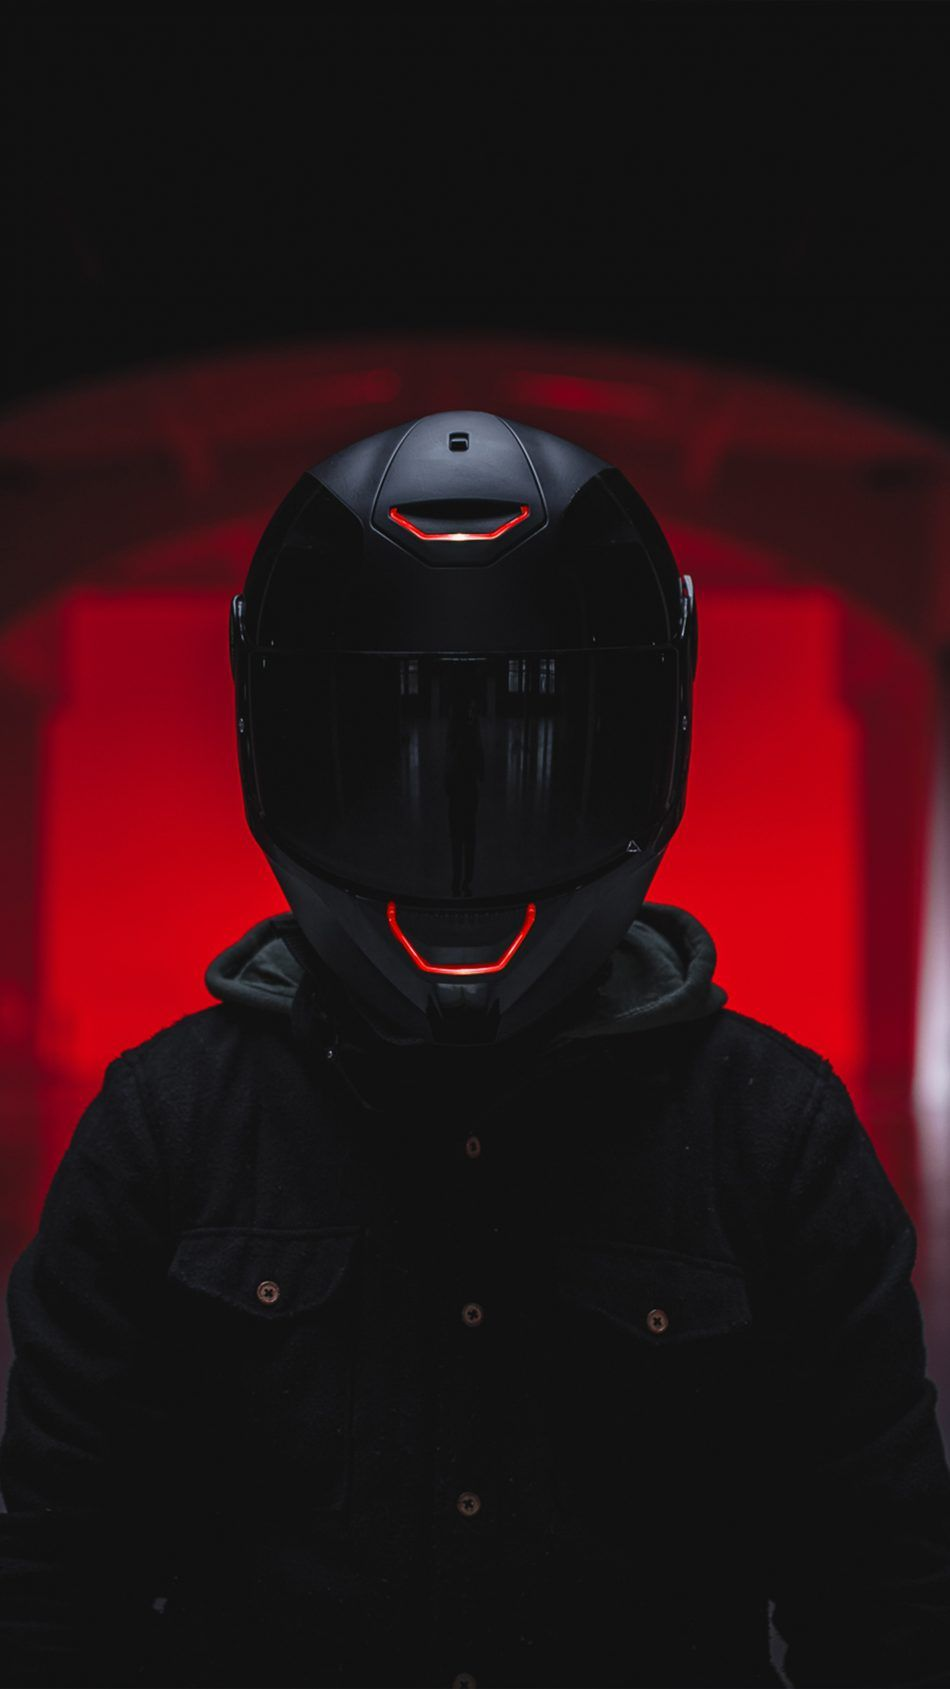 Biker Helmet Red Light Biker Helmets Biker Photoshoot Helmet